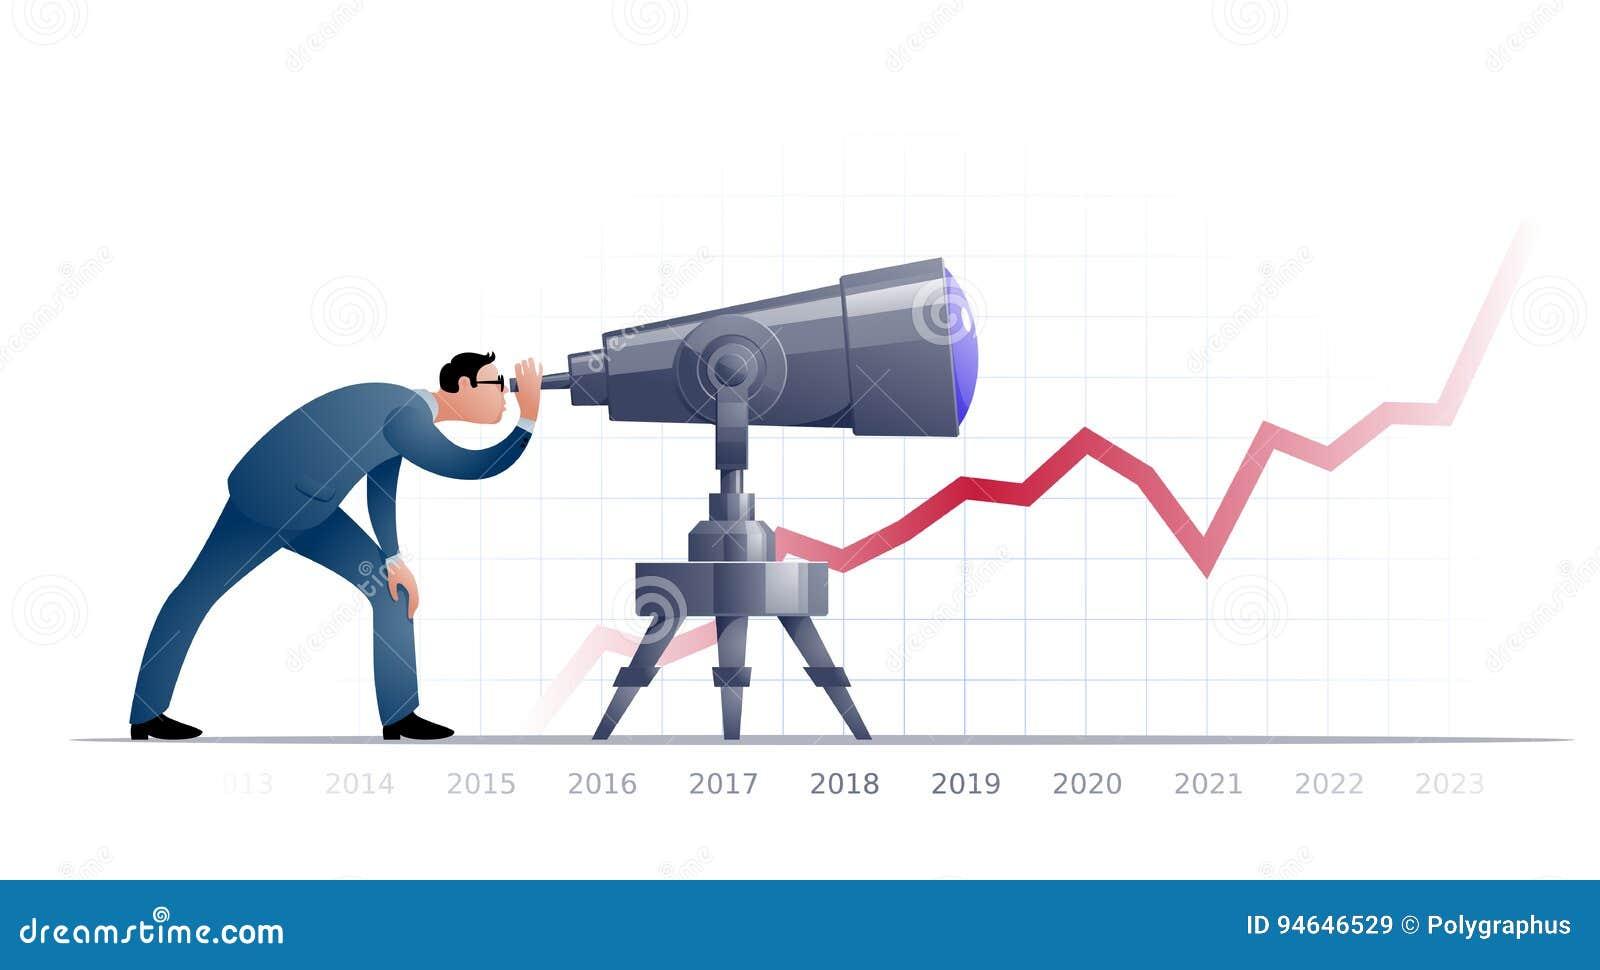 Hombre De Negocios Con El Telescopio Explorating El Futuro